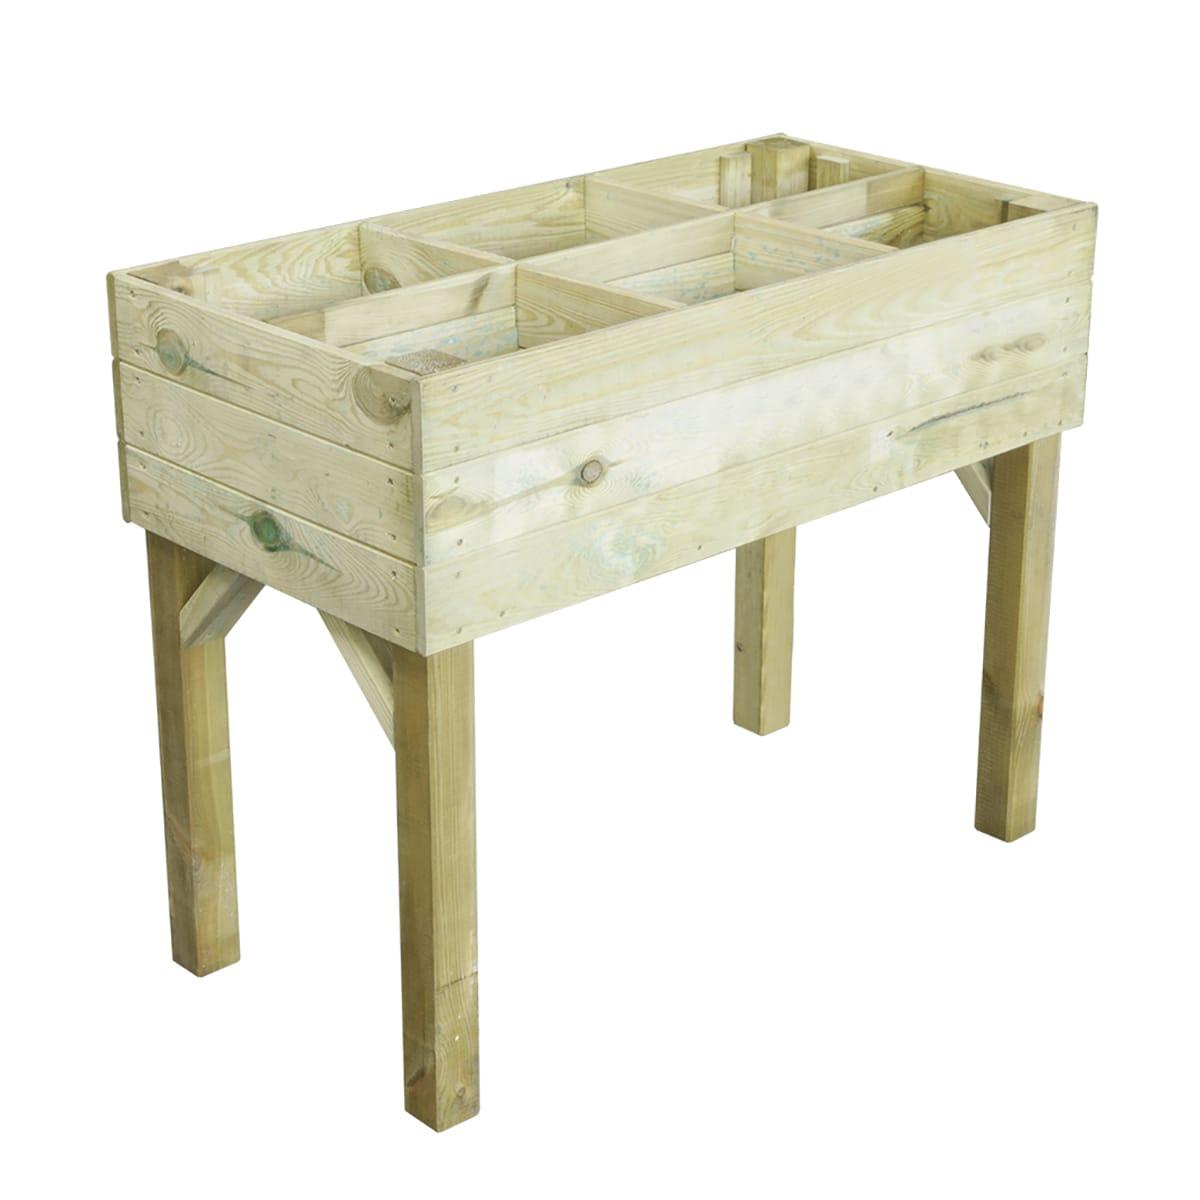 Leroy Merlin Fioriere Da Balcone fioriera per orto in legno l 100 x p 50 x h 80 cm